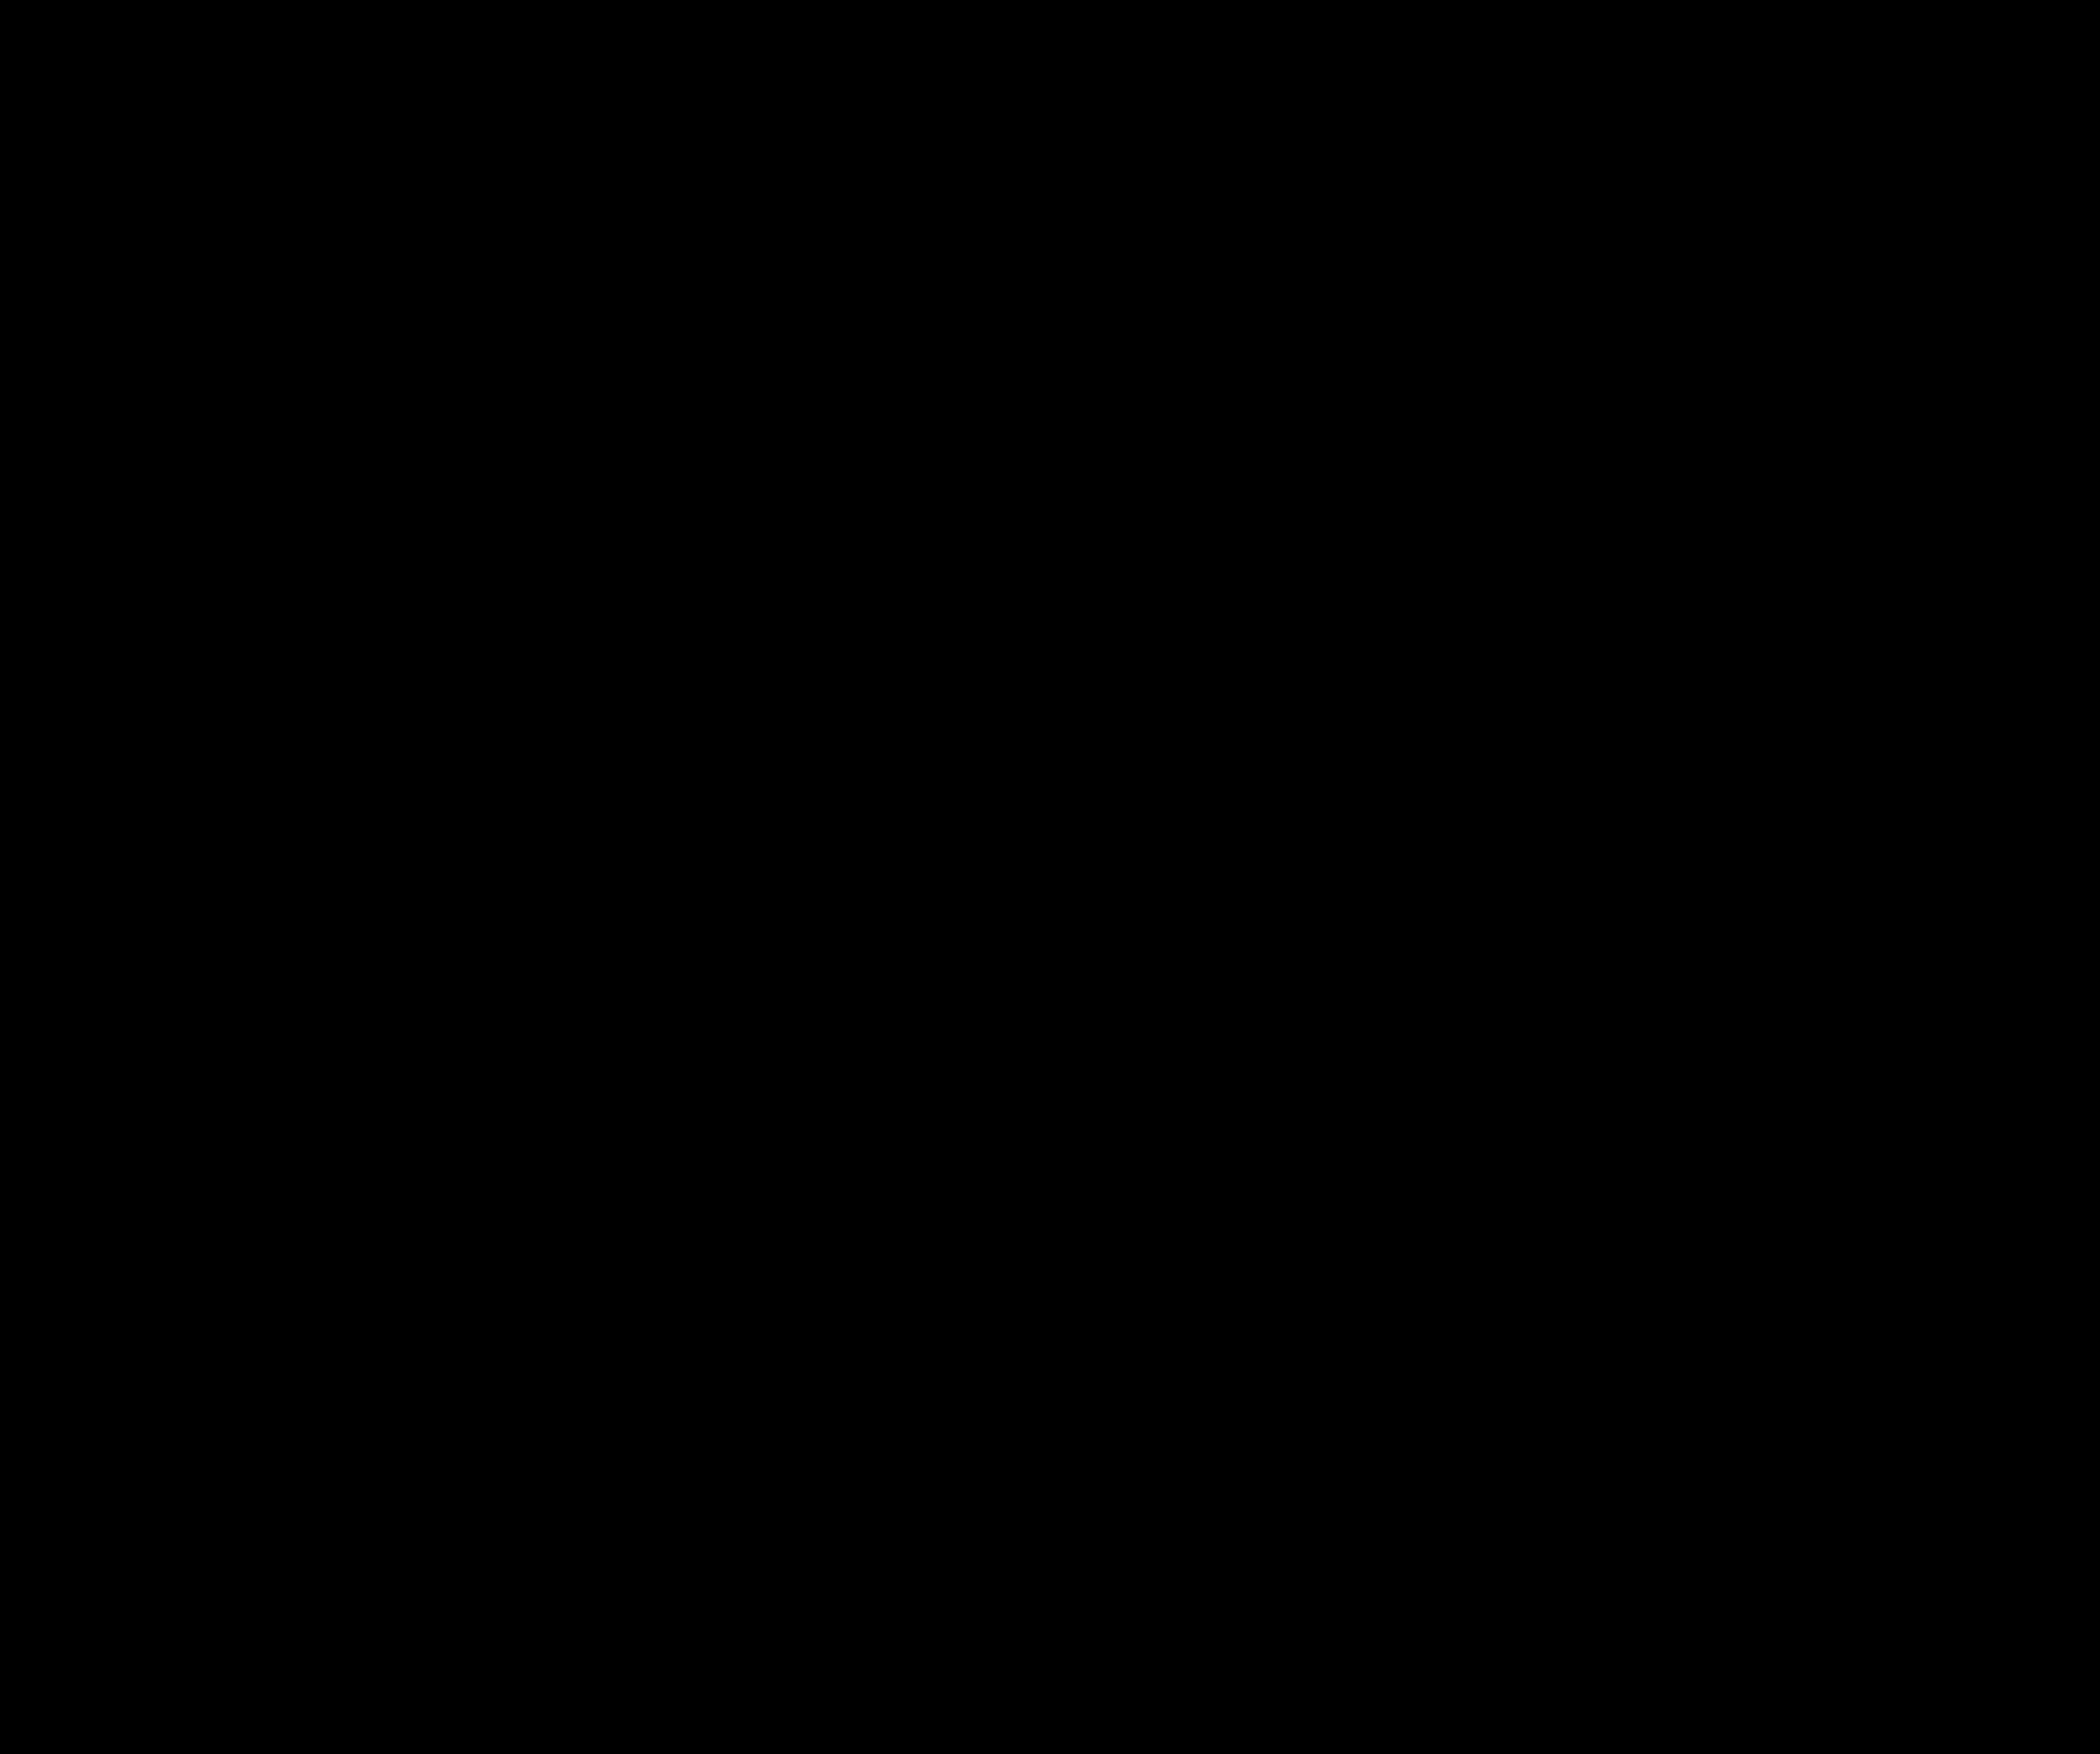 BIG IMAGE (PNG) - Shamrock Outline Clip Art